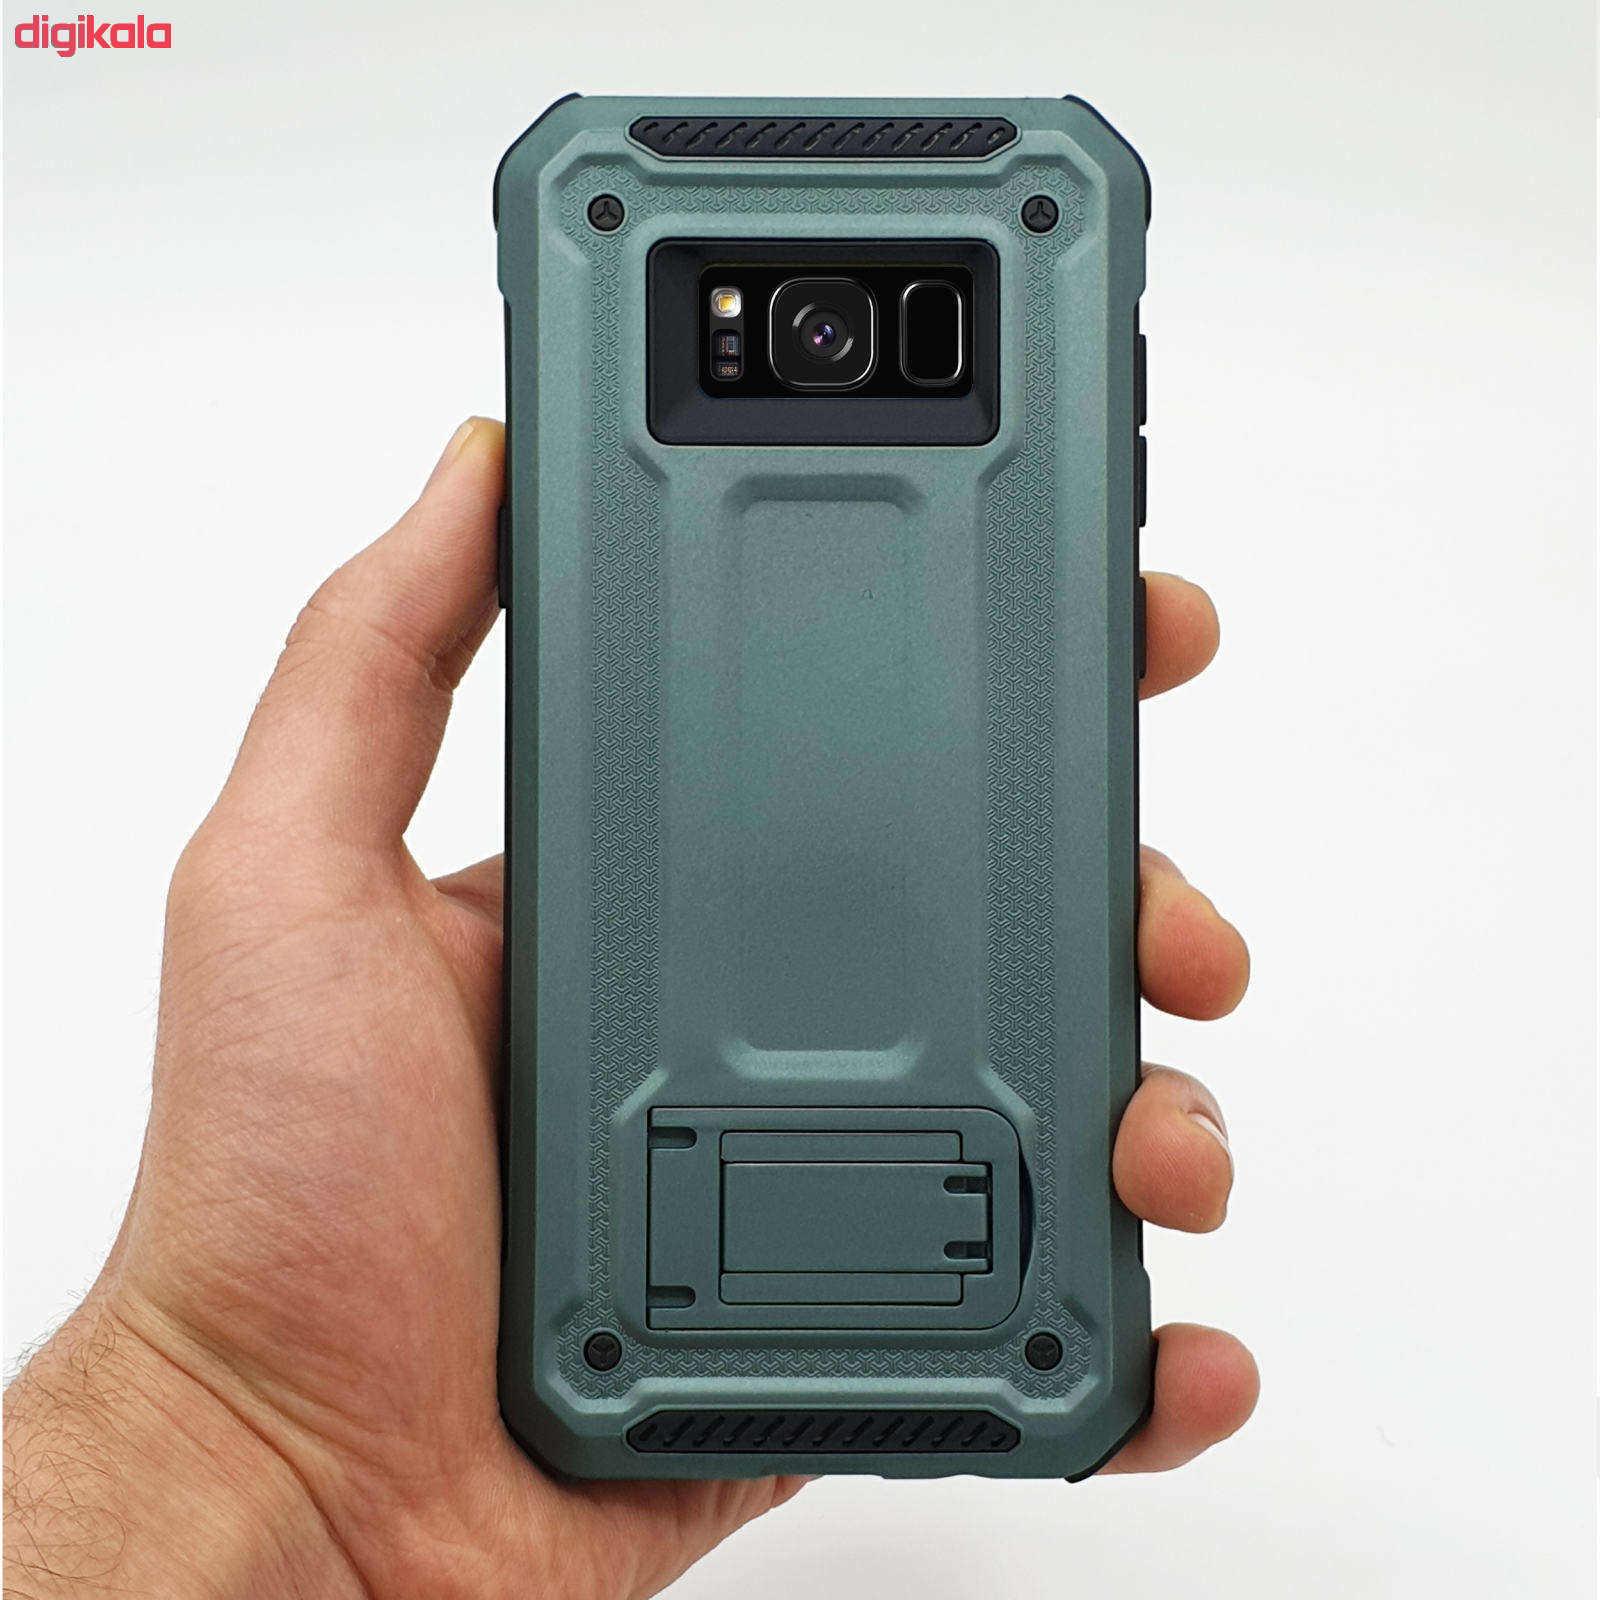 کاور کینگ پاور مدل W21 مناسب برای گوشی موبایل سامسونگ Galaxy S8 main 1 6